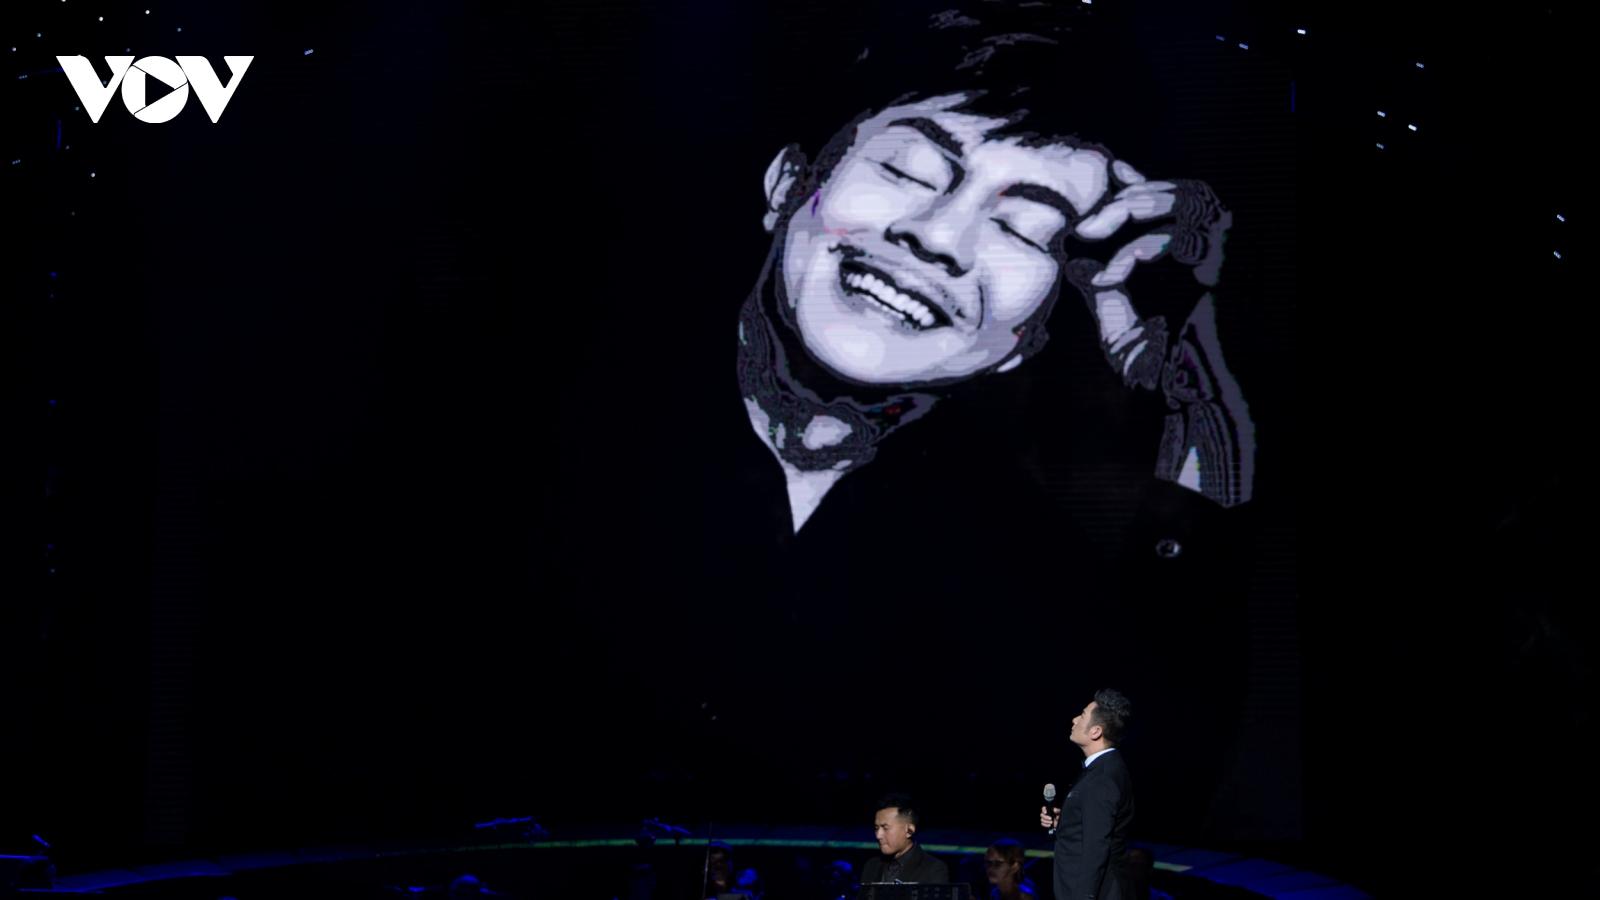 Bằng Kiều nghẹn ngào nhắc kỷ niệm với Chí Tài, hát ca khúc được đàn anh gửi gắm